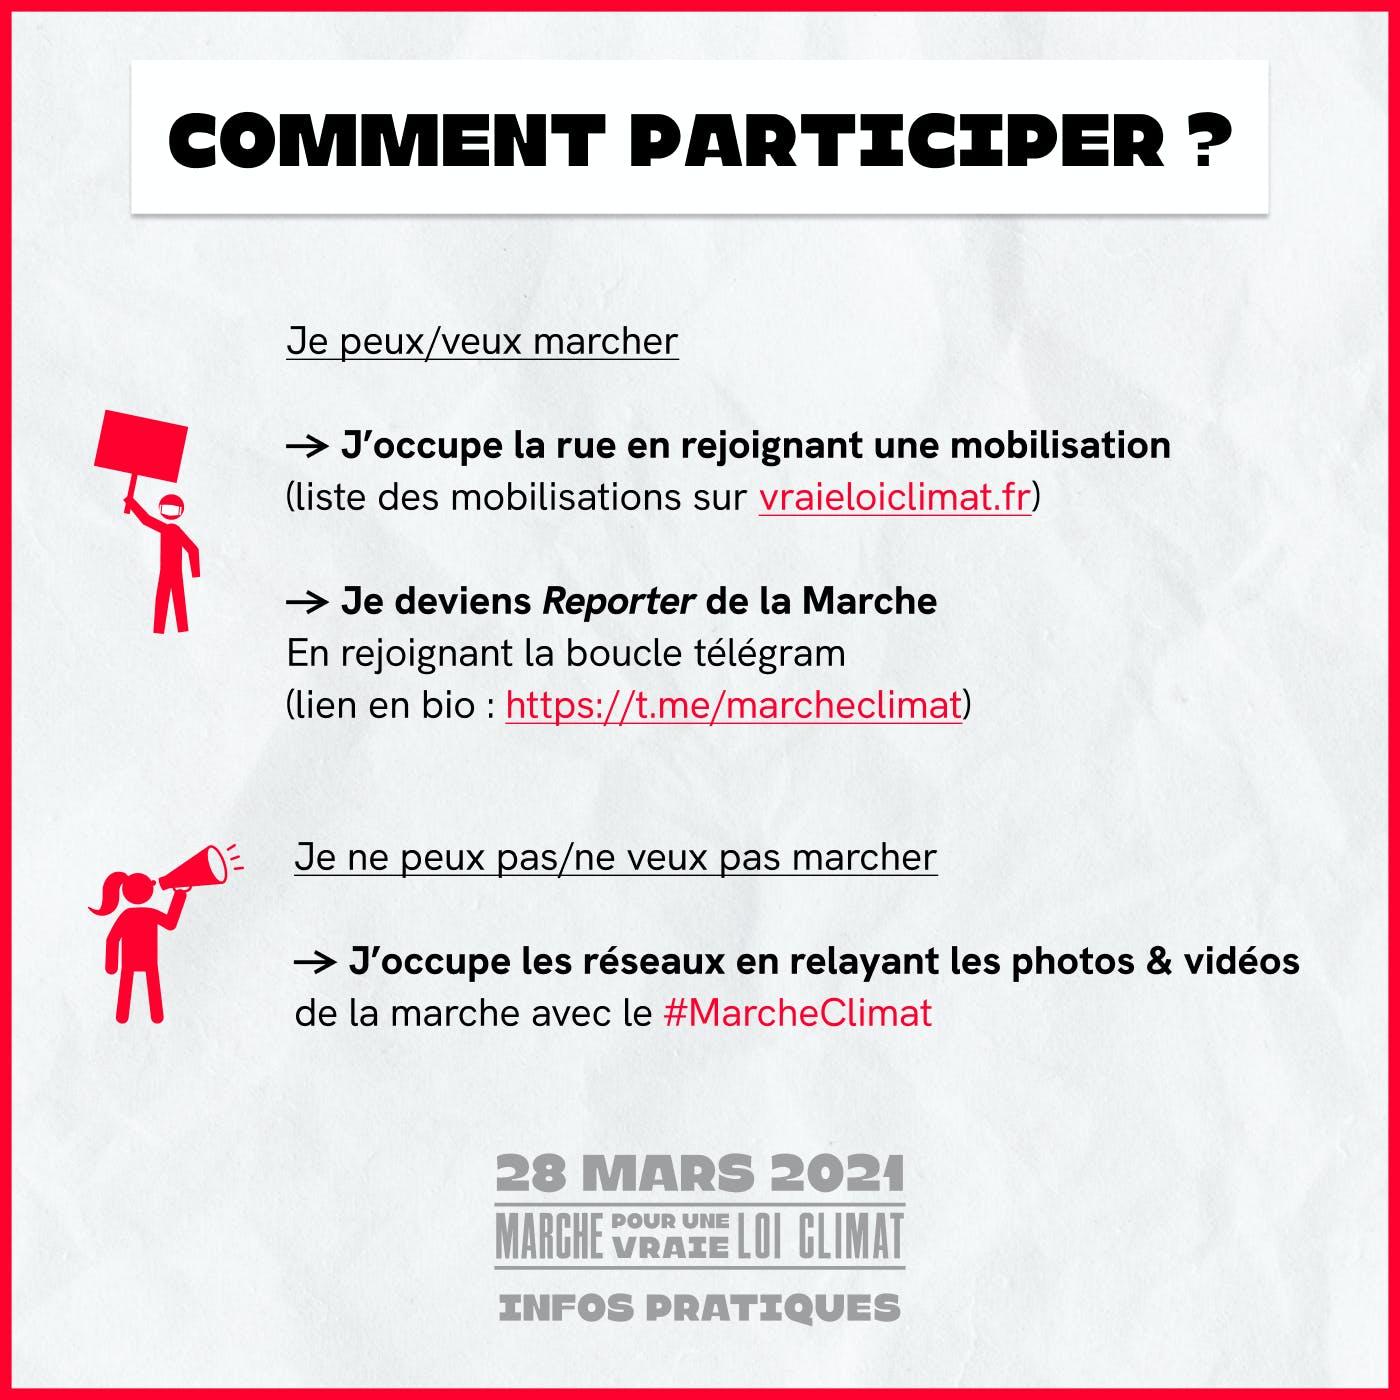 Carroussel_Comment participer 2.jpg